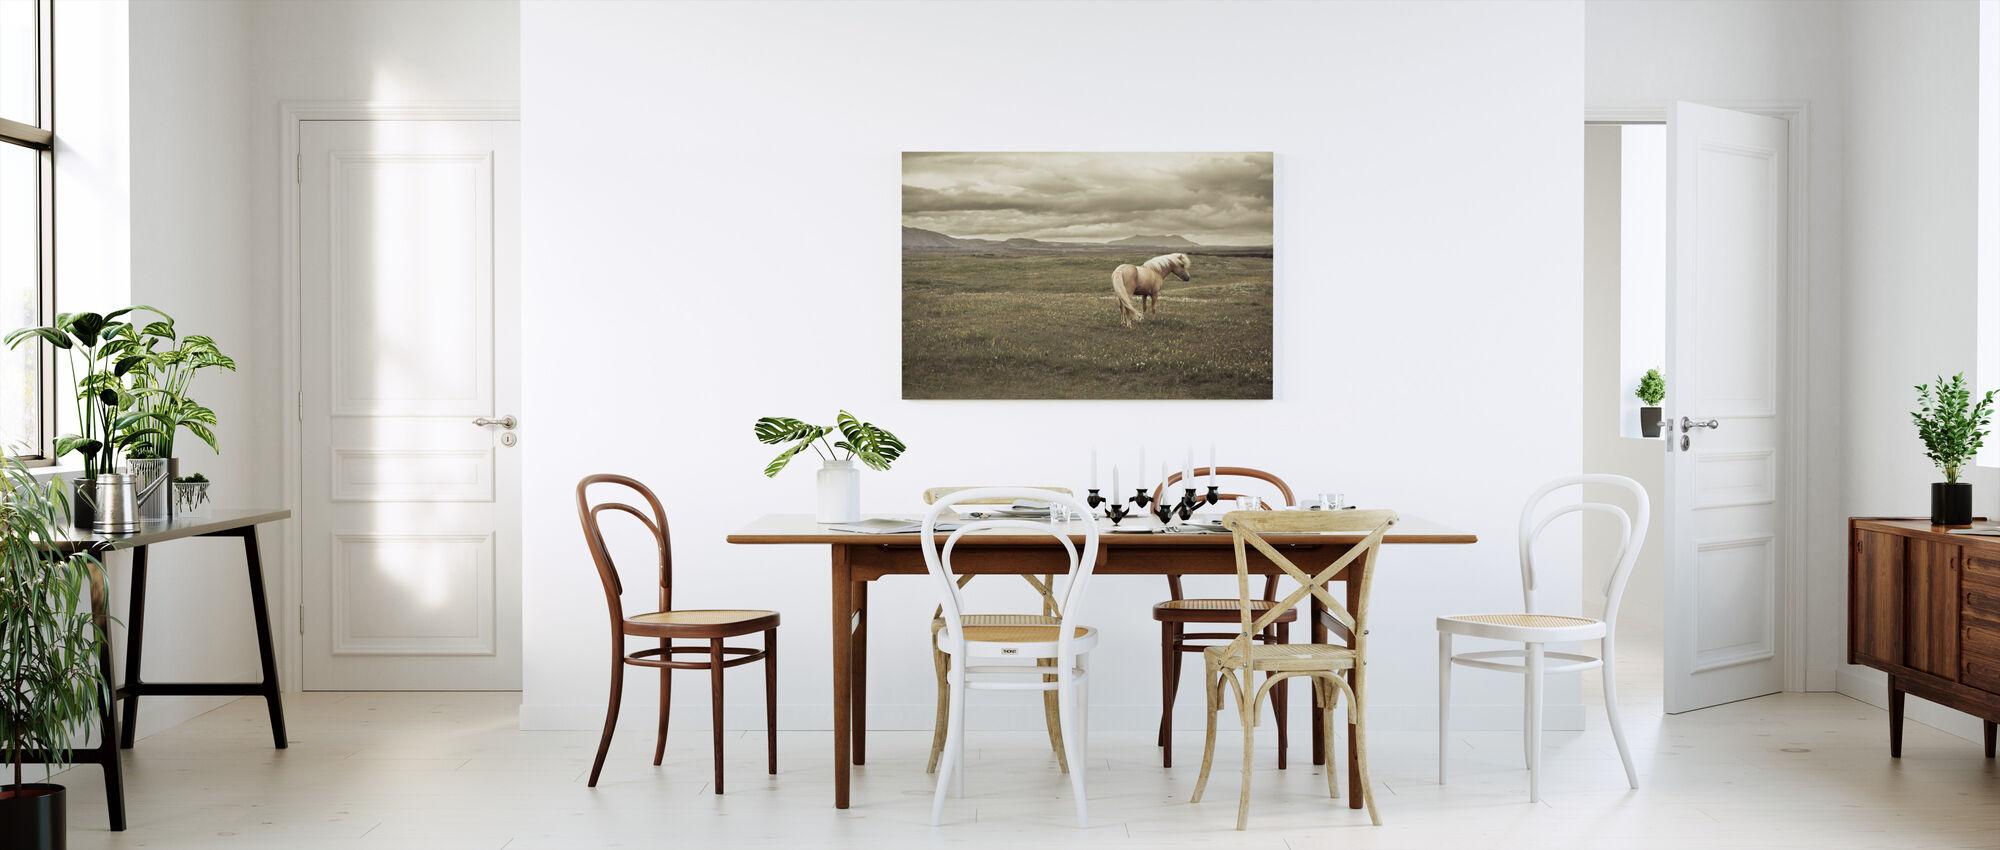 Islannin hevonen - Canvastaulu - Keittiö